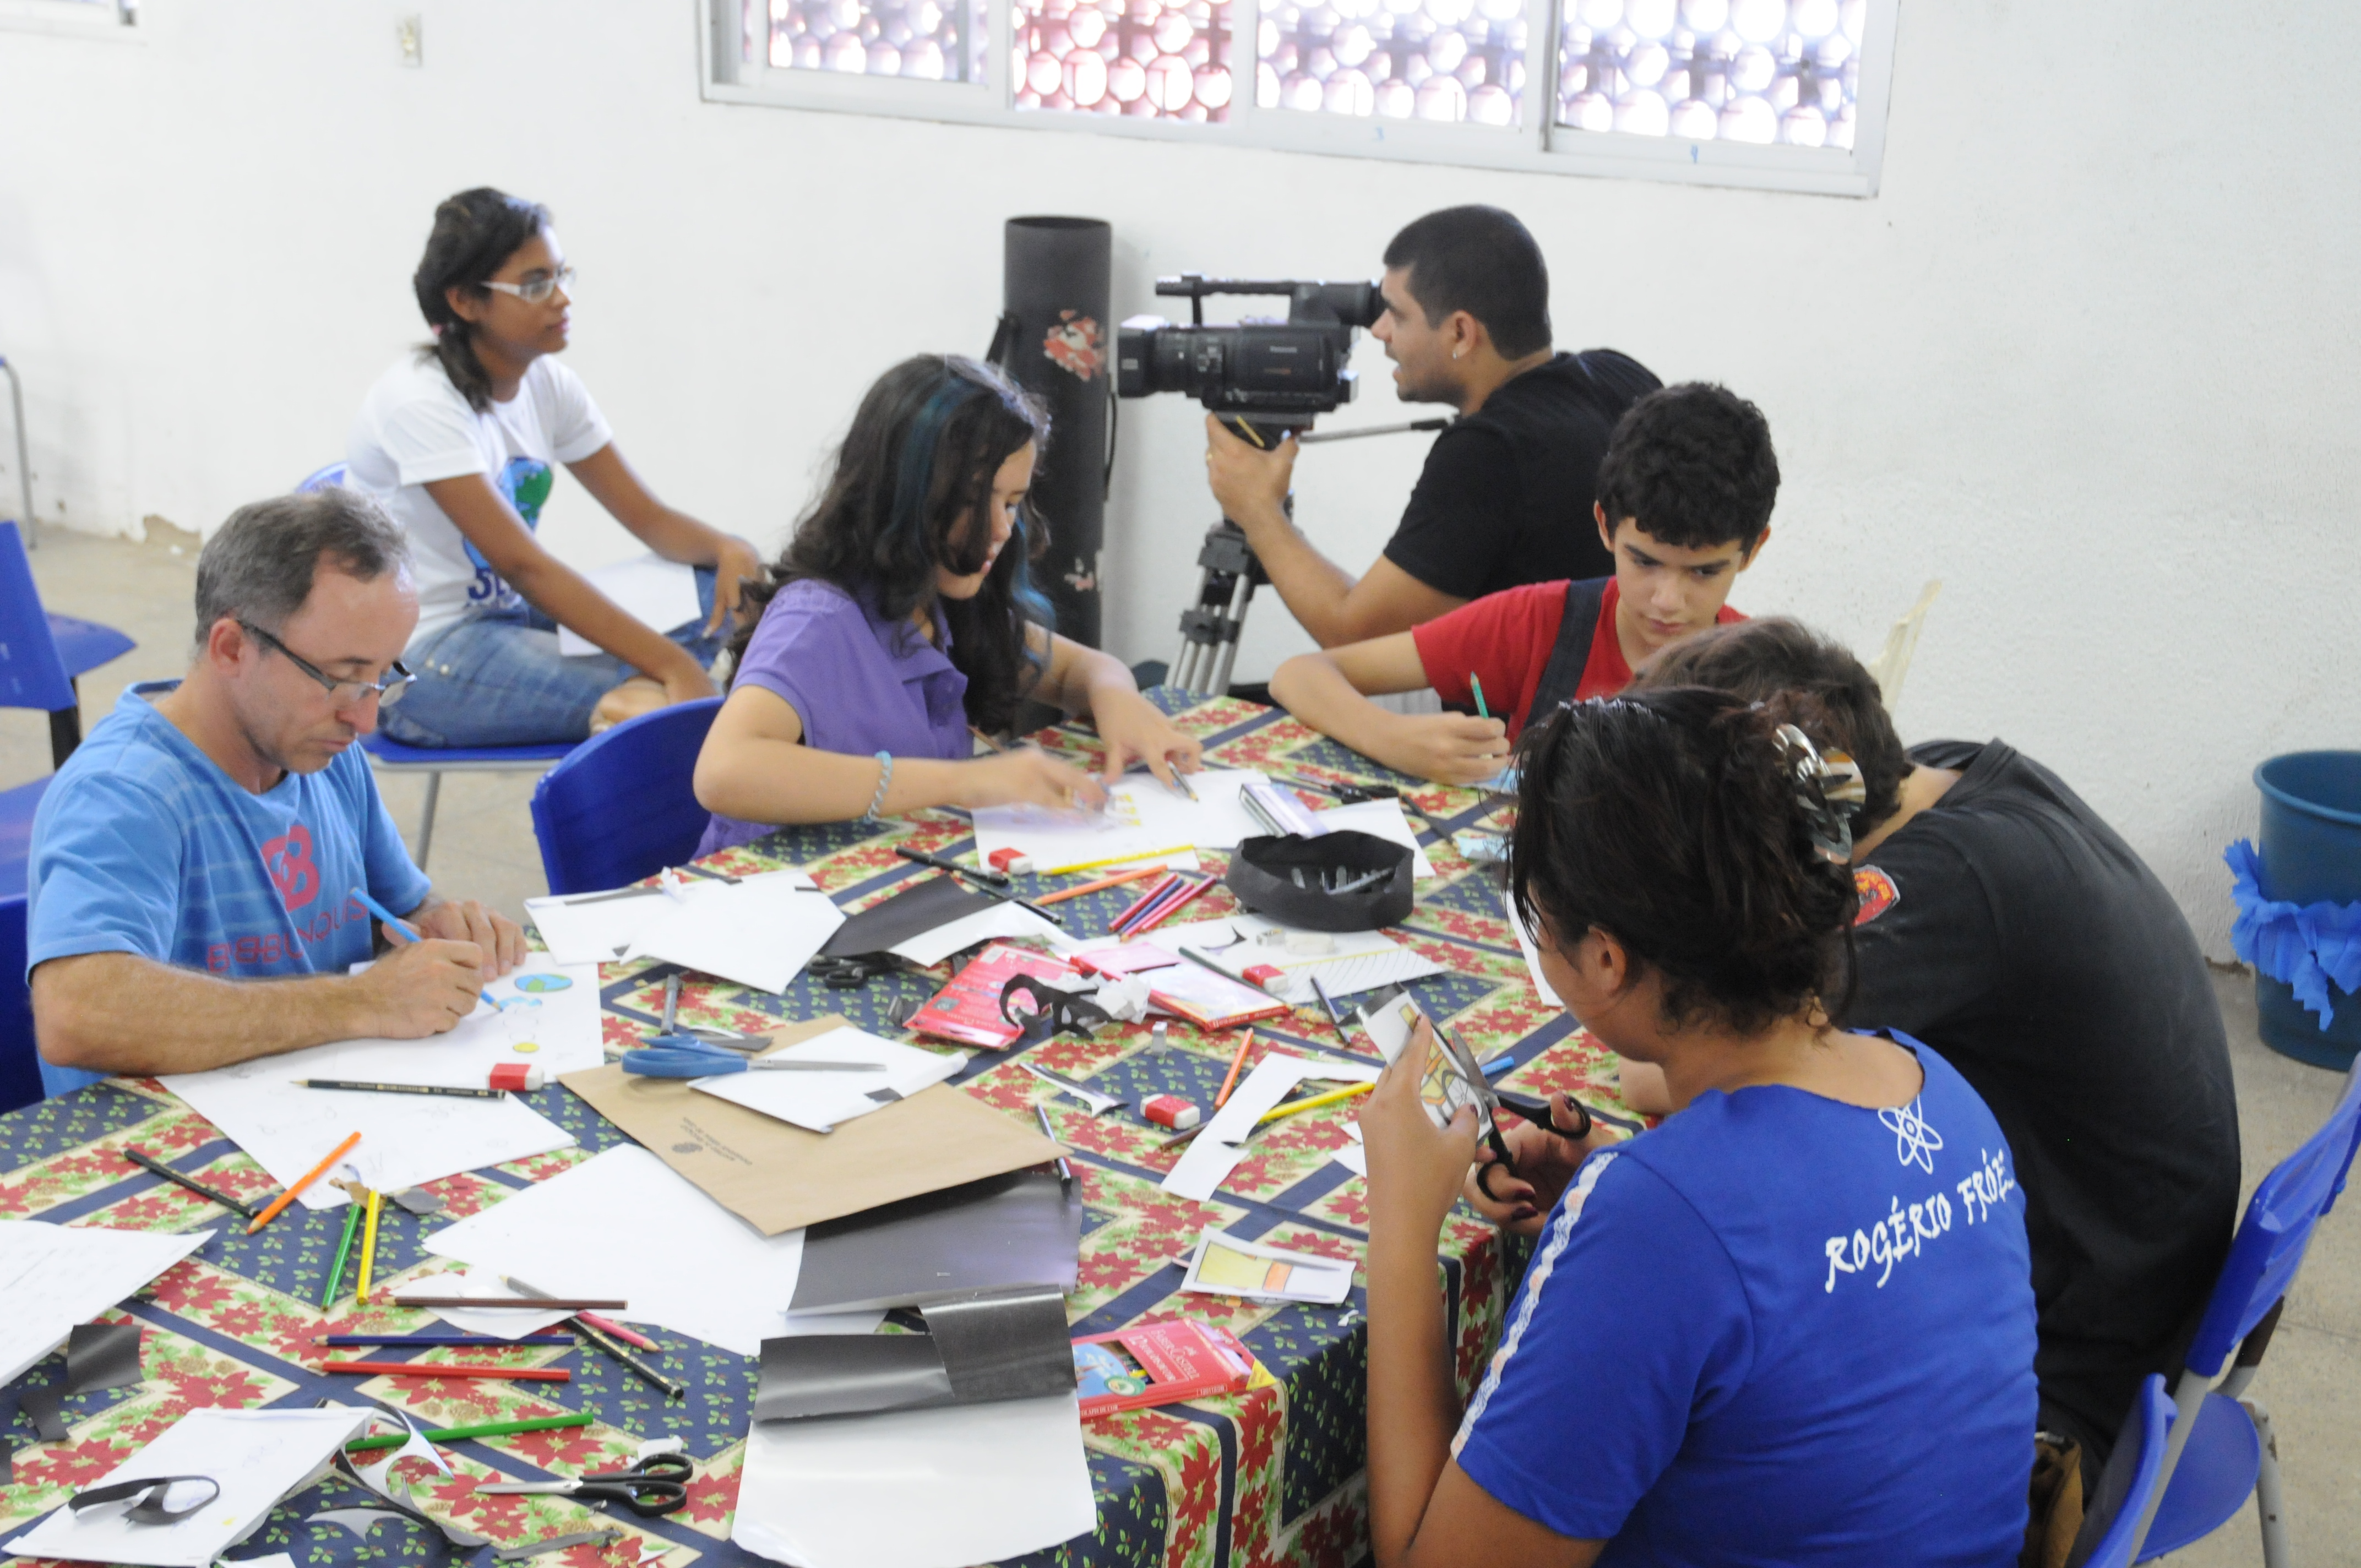 O Cine Ceará Itinerante é realizado pela Associação Cultural Cine Ceará (FOTO: Divulgação)